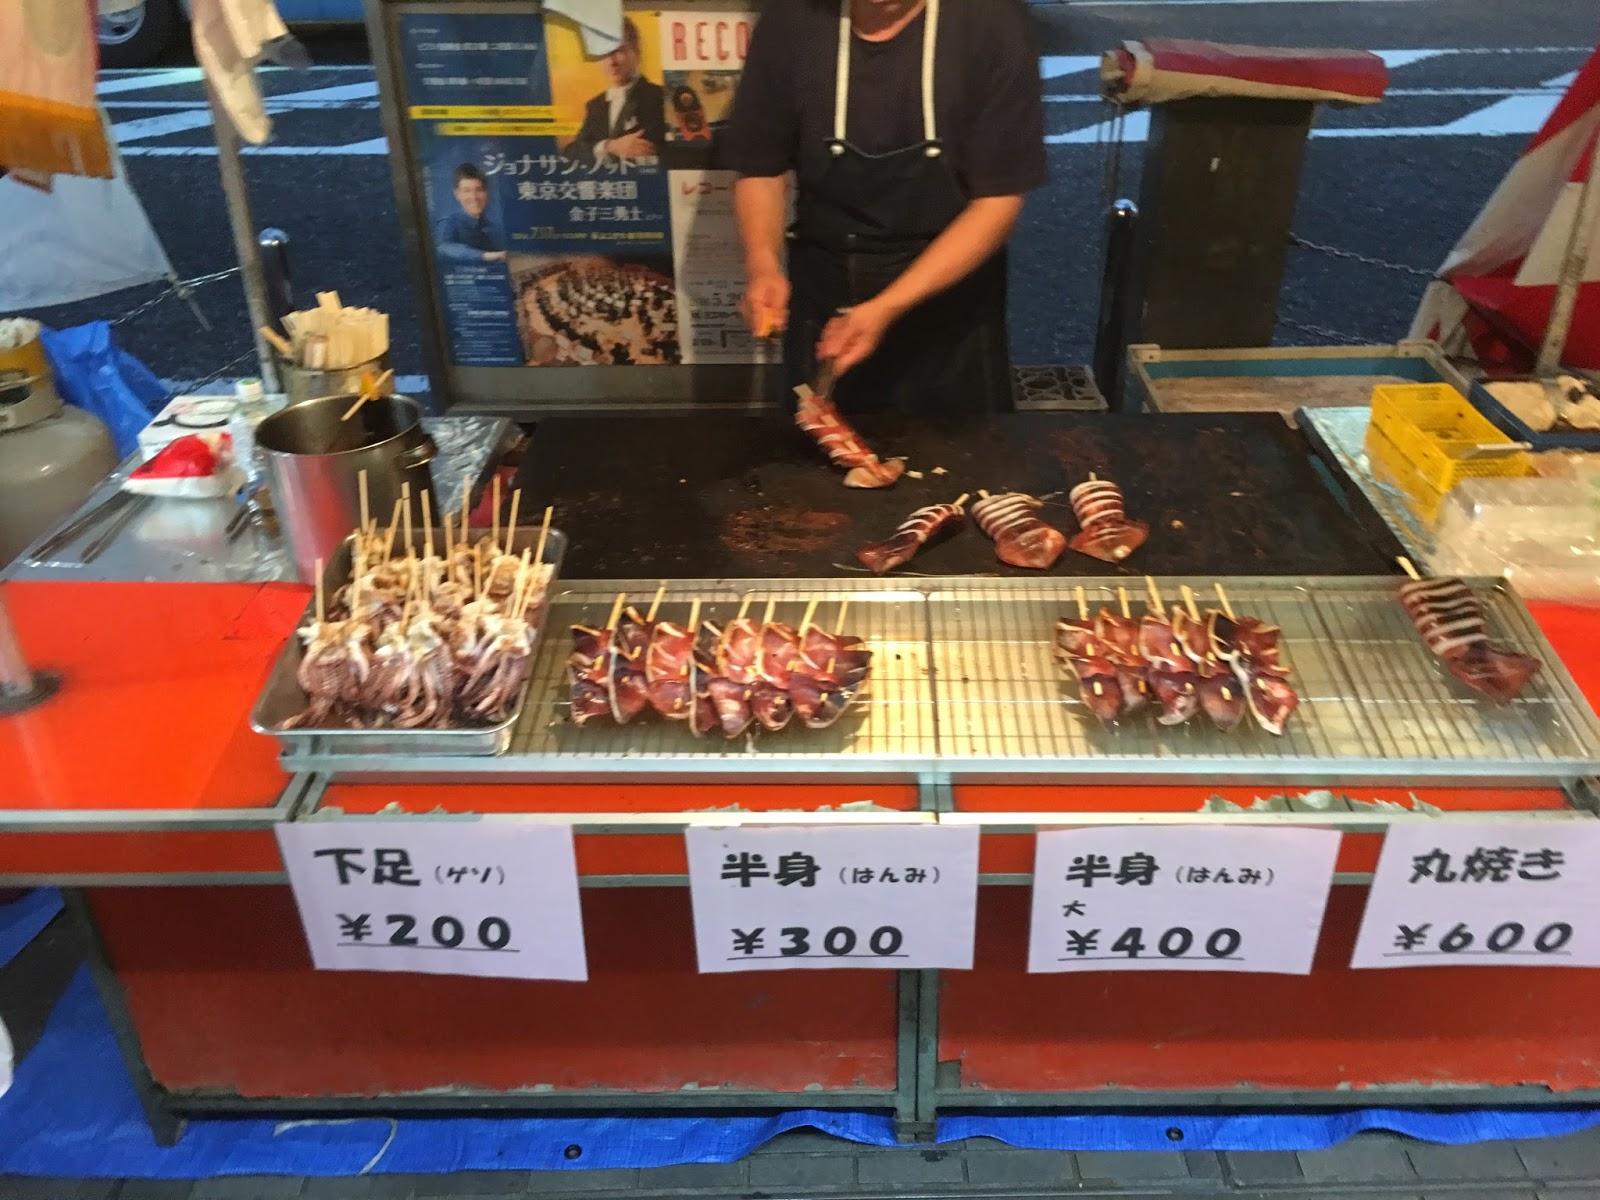 Andrea Suwa thatsthewayiblog: suwa shrine festival